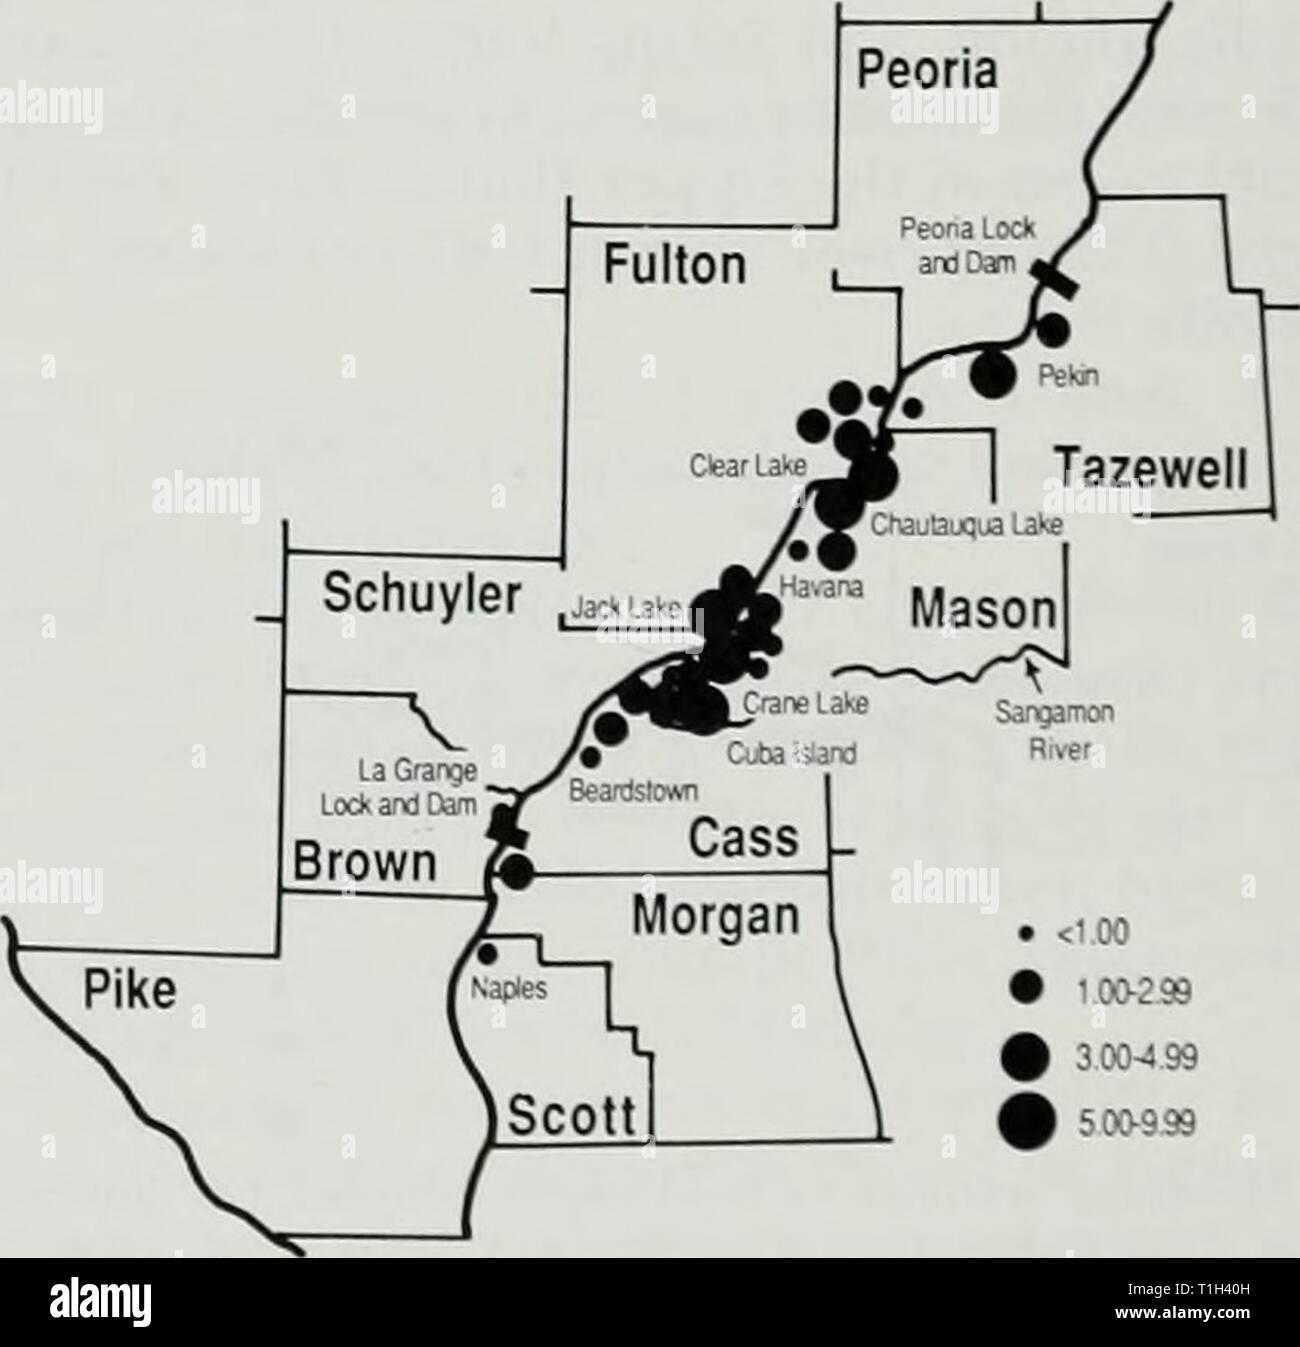 La distribution et l'abondance de la distribution et l'abondance de l'hiver, les populations de pygargues à tête blanche dans la région de Illinois distributionabun129a Année: 1988 Fig. 24.-nombre moyen ol b.iUl eagles j'uilliiii,recensement est inférieure llie Illinois Ri' 299 • innied inenior-99 3,00-4,60 par une er Région. 1972-1986. Fig. 22.-Fastern Senacliw sh, en'ine L.tk La densité estimée de pygargues à tête blanche dans la région de la rivière de l'Illinois inférieur ( en moyenne).5.i par mile river ou 0.49 par squaie mile d'habitats humides. La densité moyenne par scjuare m des zones humides (0,49) dans cette région a été slighth plus élevé que la valeur Banque D'Images